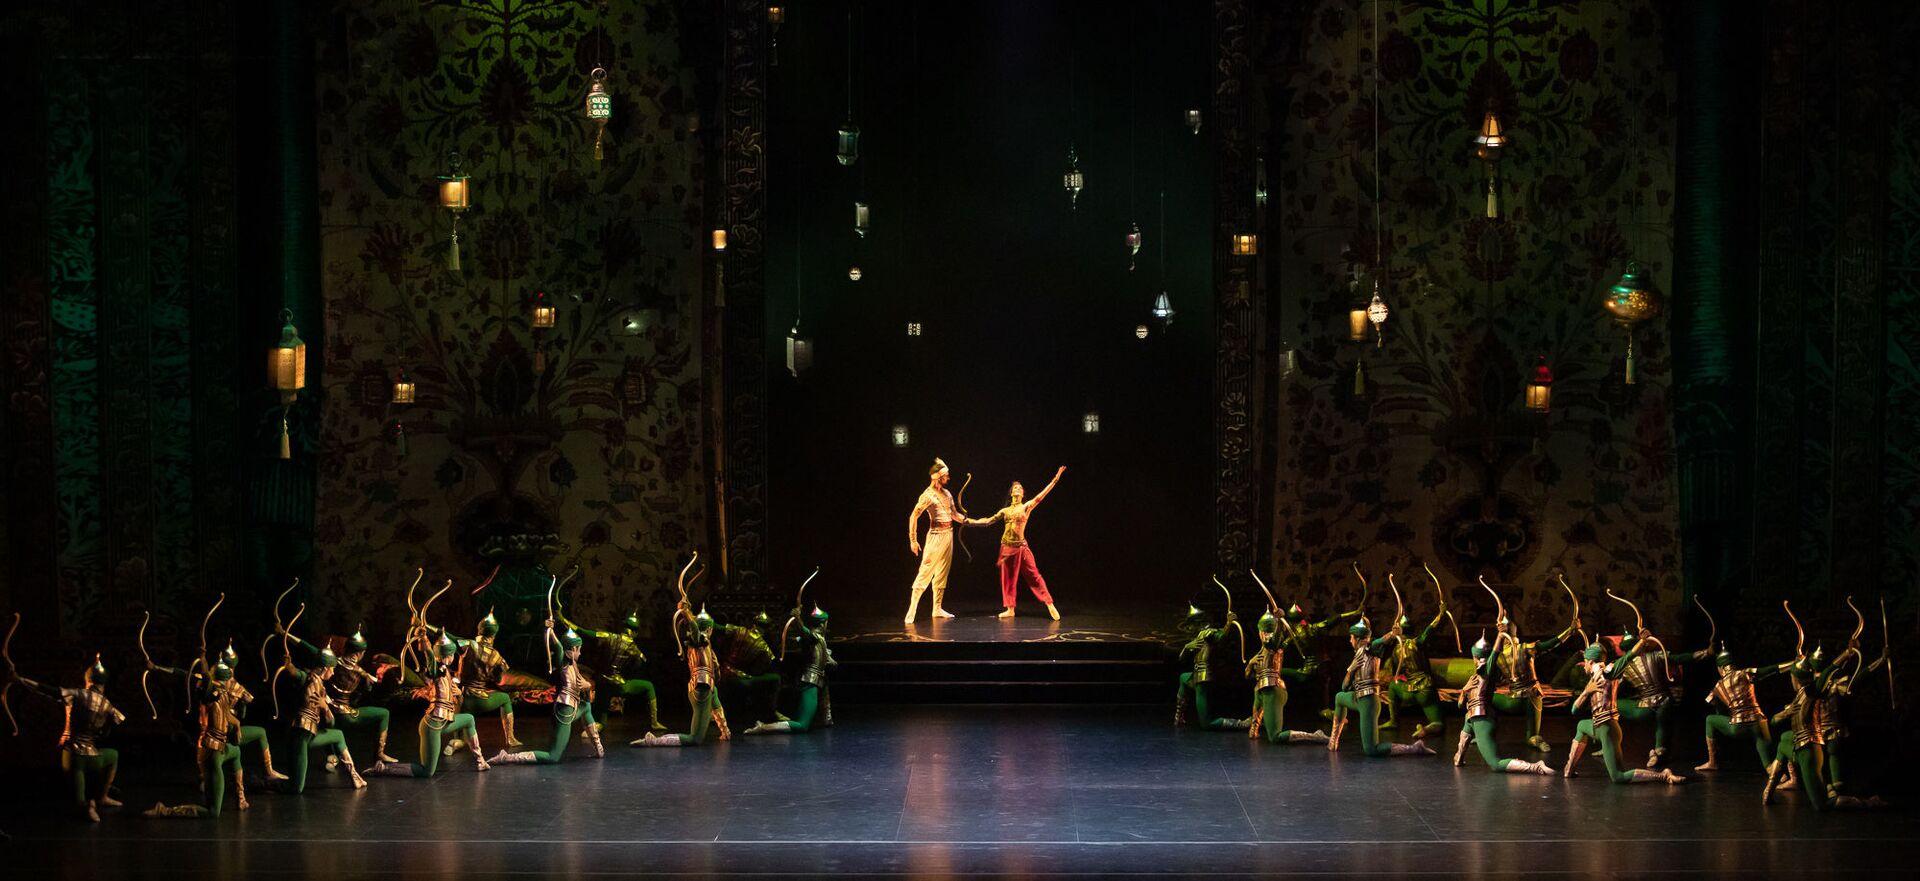 Как визит Эрдогана в Баку изменил планы главного балетмейстера Приморской Мариинки  - Sputnik Азербайджан, 1920, 17.06.2021